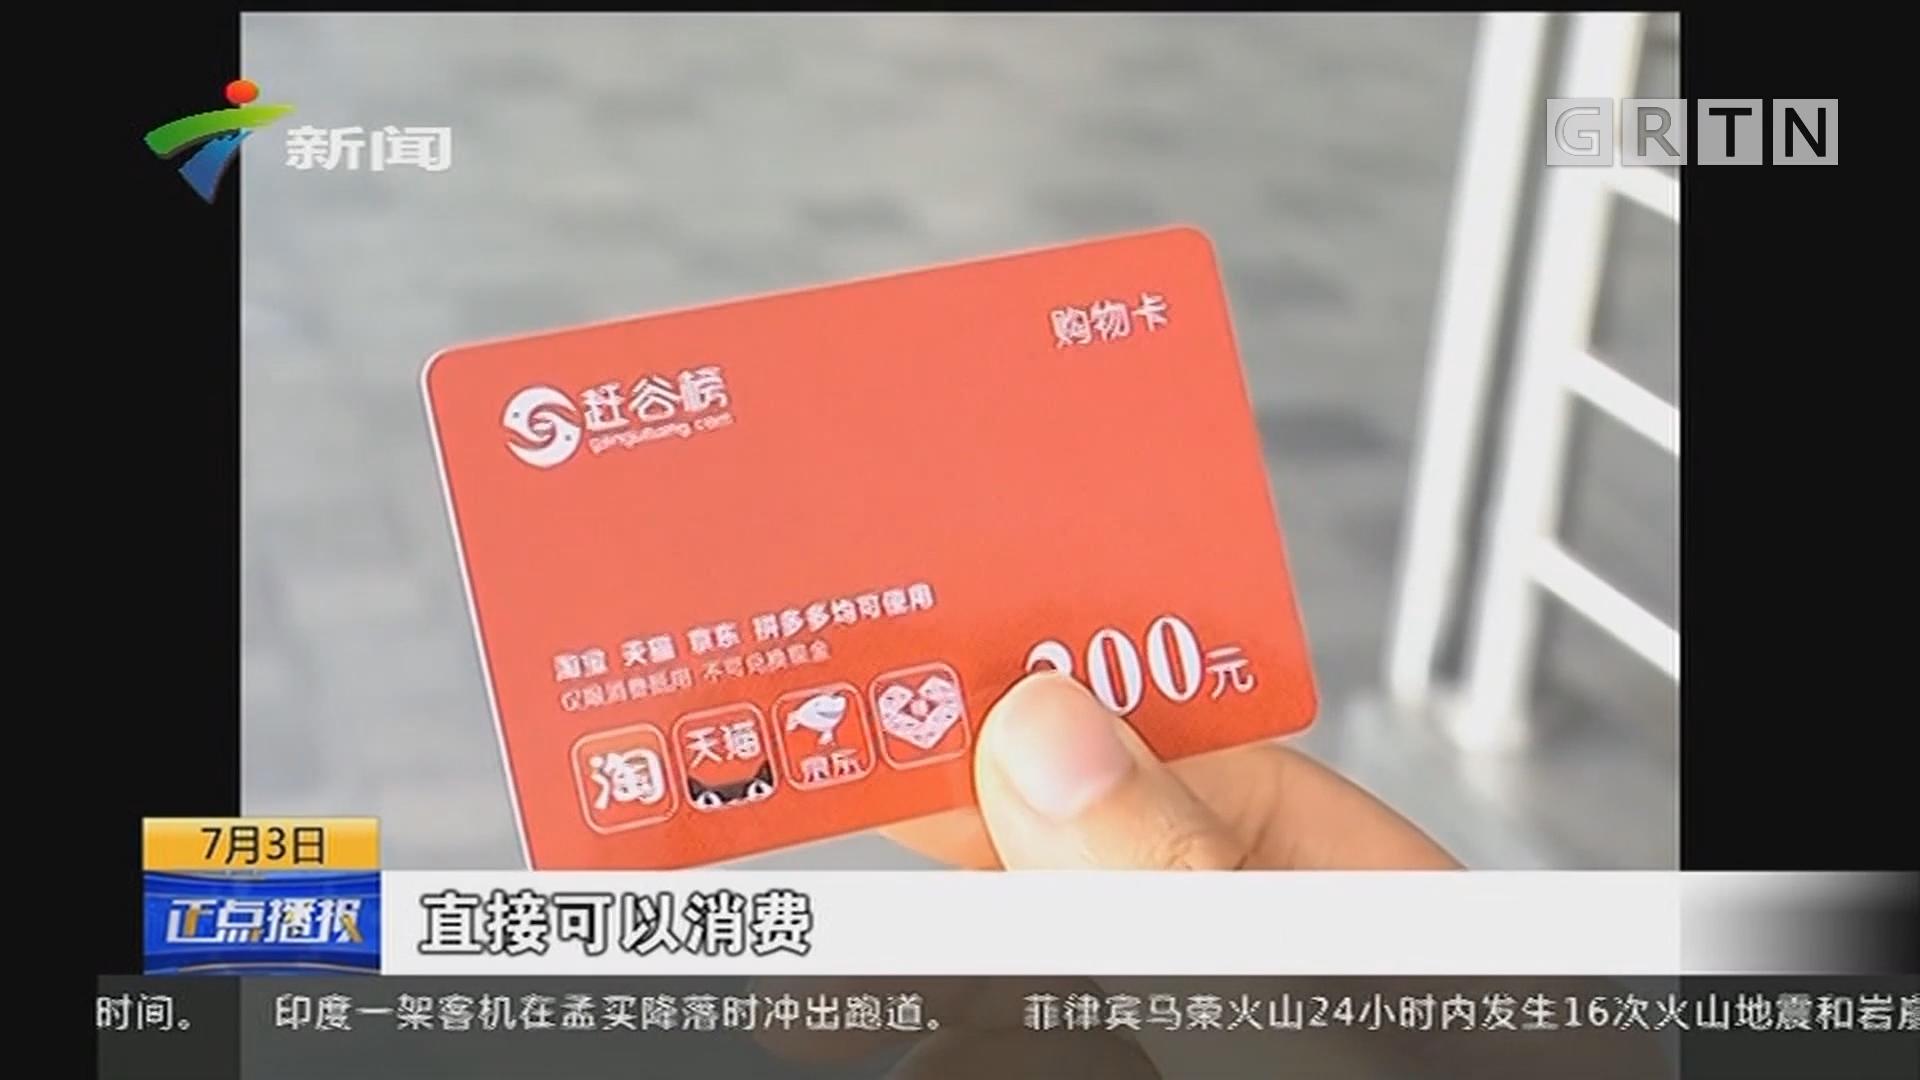 中山:路上捡到200元购物卡 是馅饼还是陷阱?